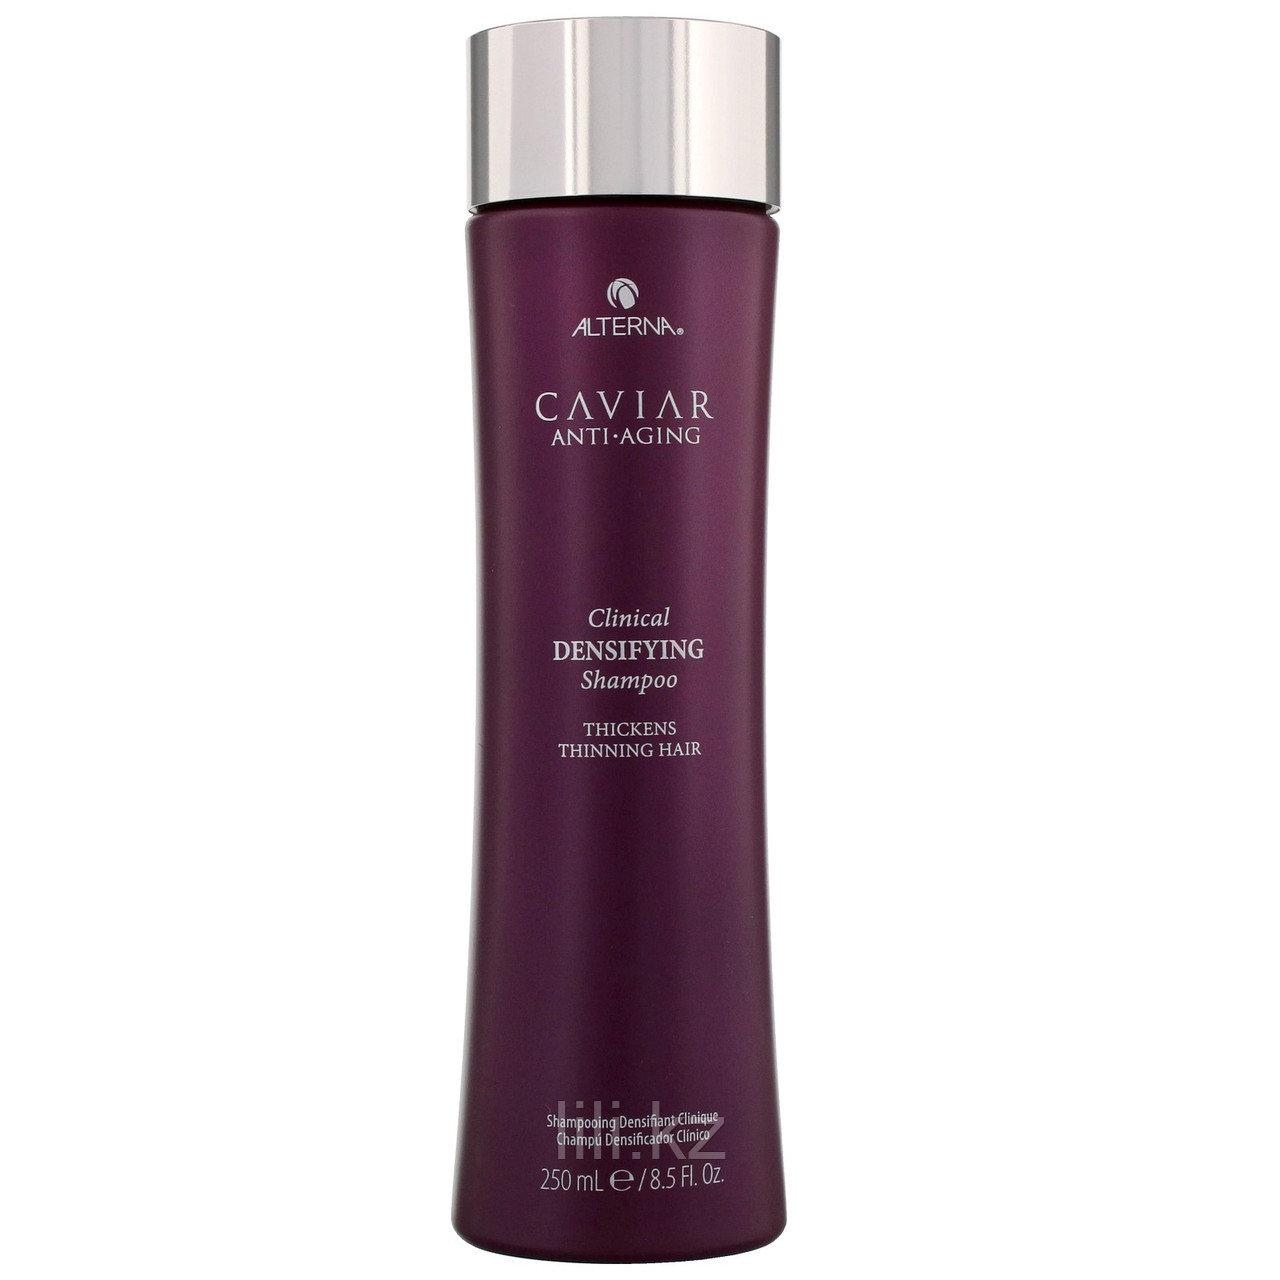 Шампунь-детокс для уплотнения и стимулирования роста волос Caviar Anti-Aging Clinical Densifying Shampoo 250 м